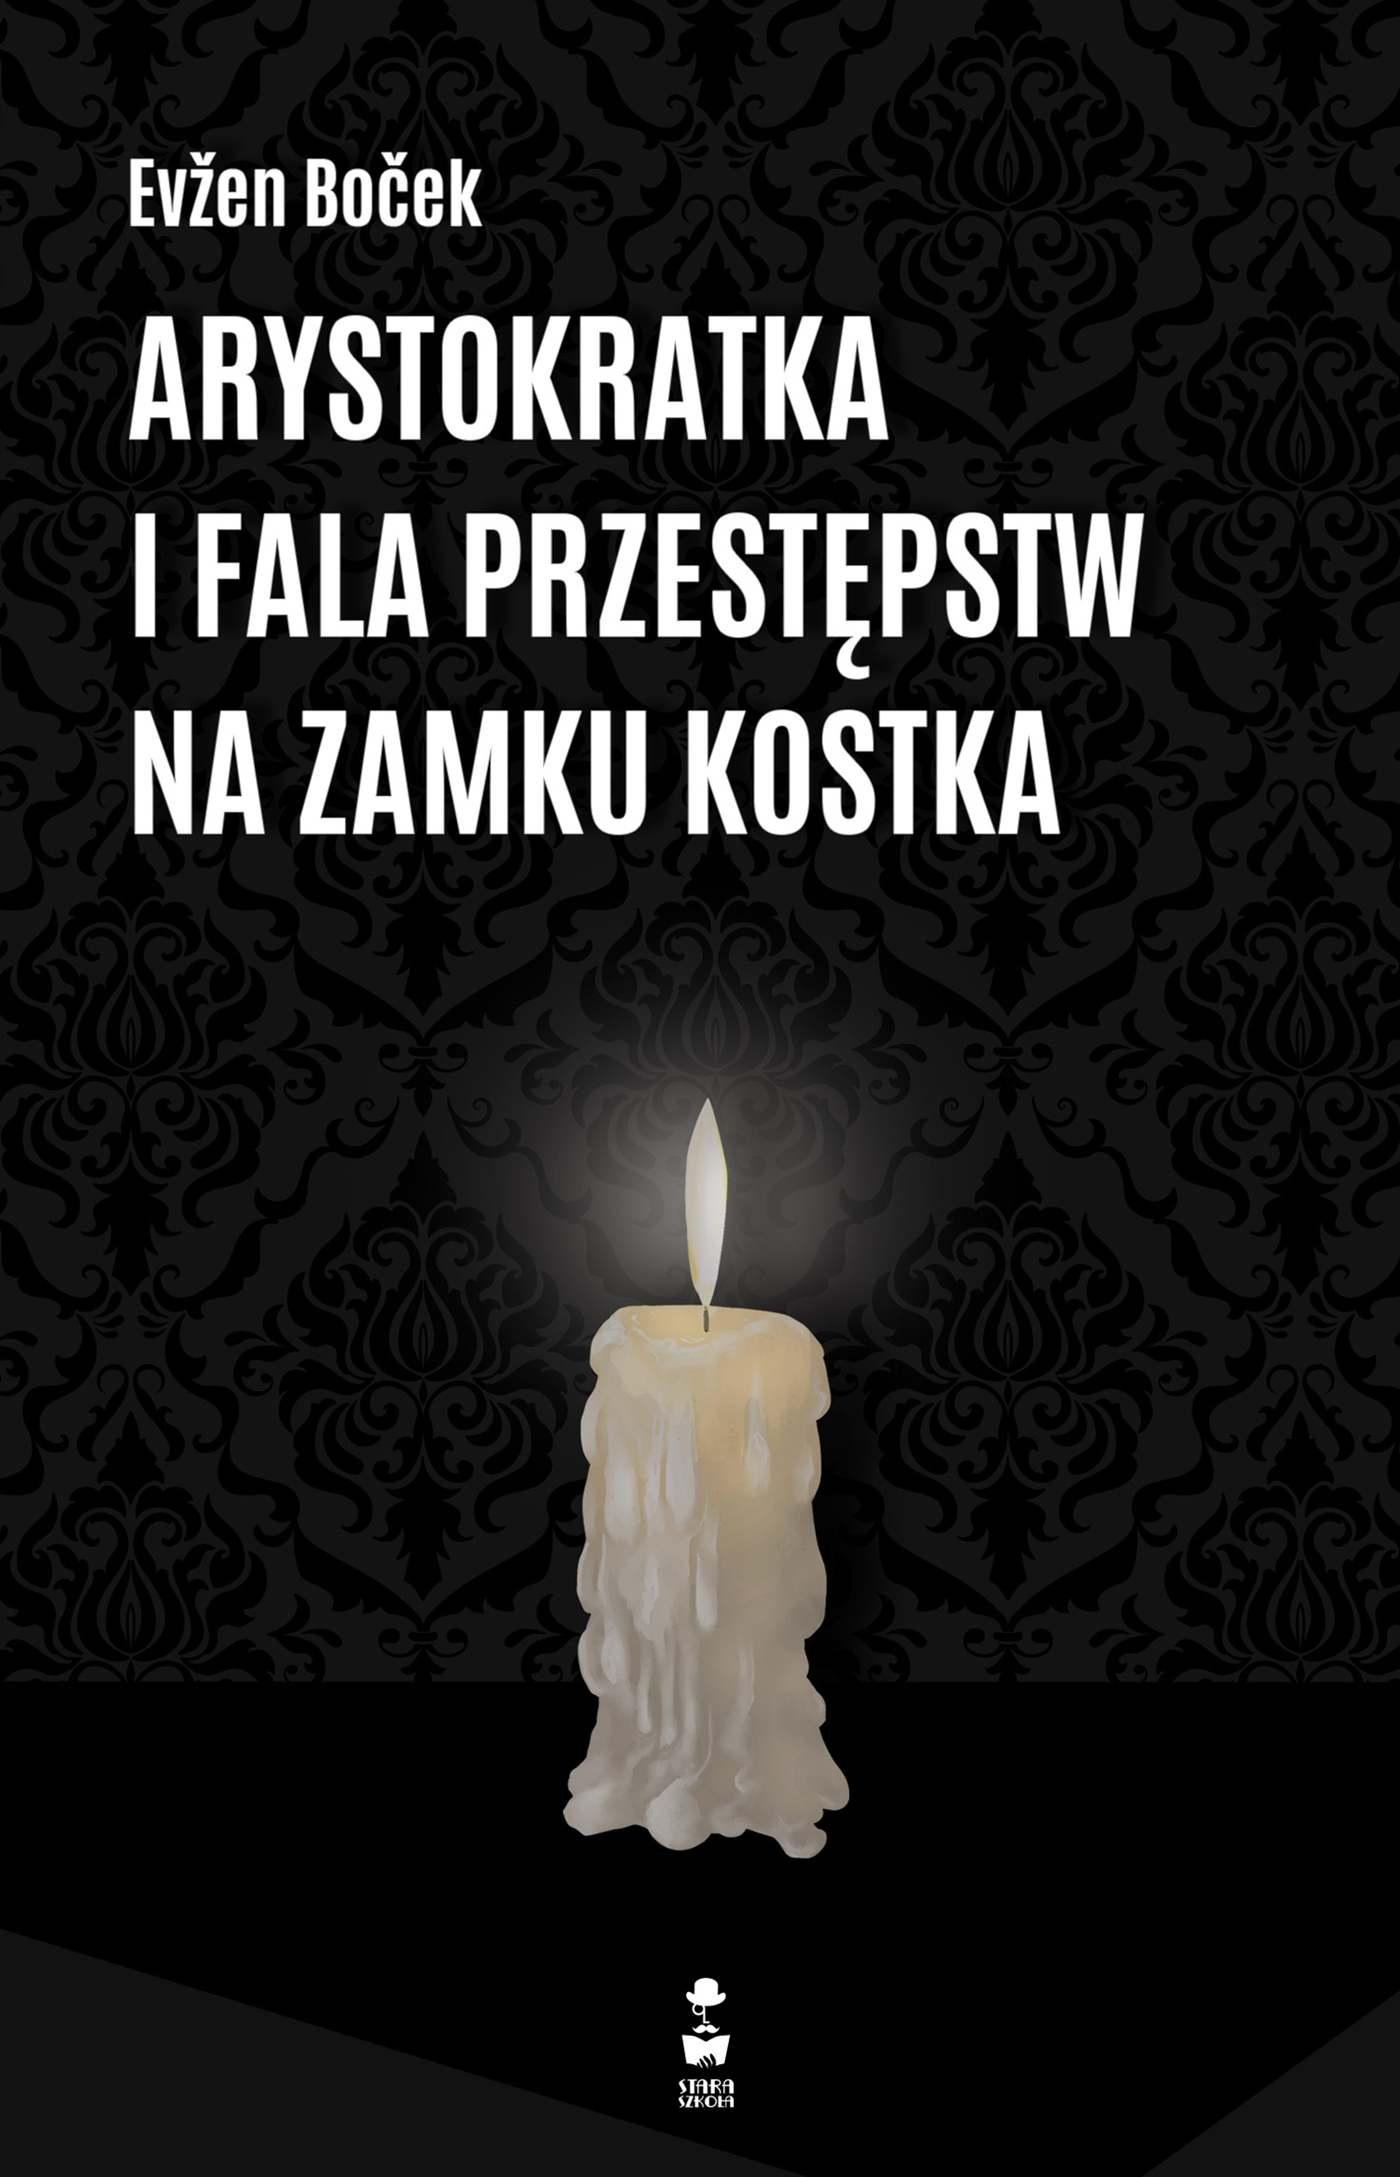 Arystokratka i fala przestępstw na zamku Kostka - Ebook (Książka EPUB) do pobrania w formacie EPUB